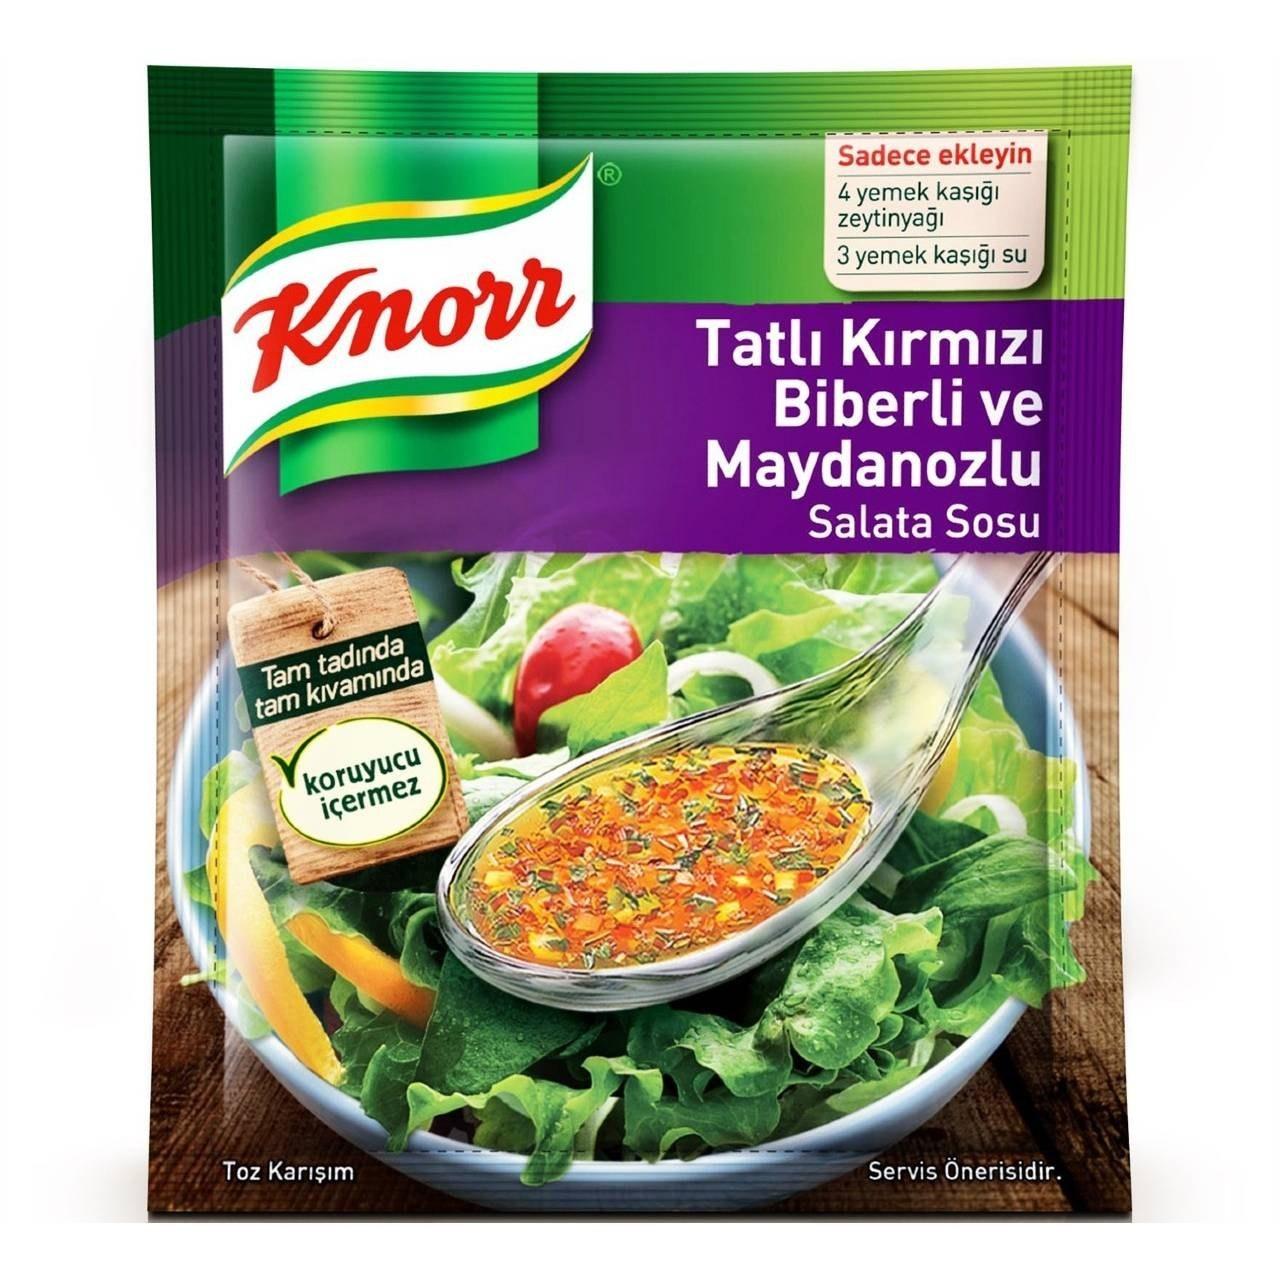 تصویر سس سالاد کنور Knorr